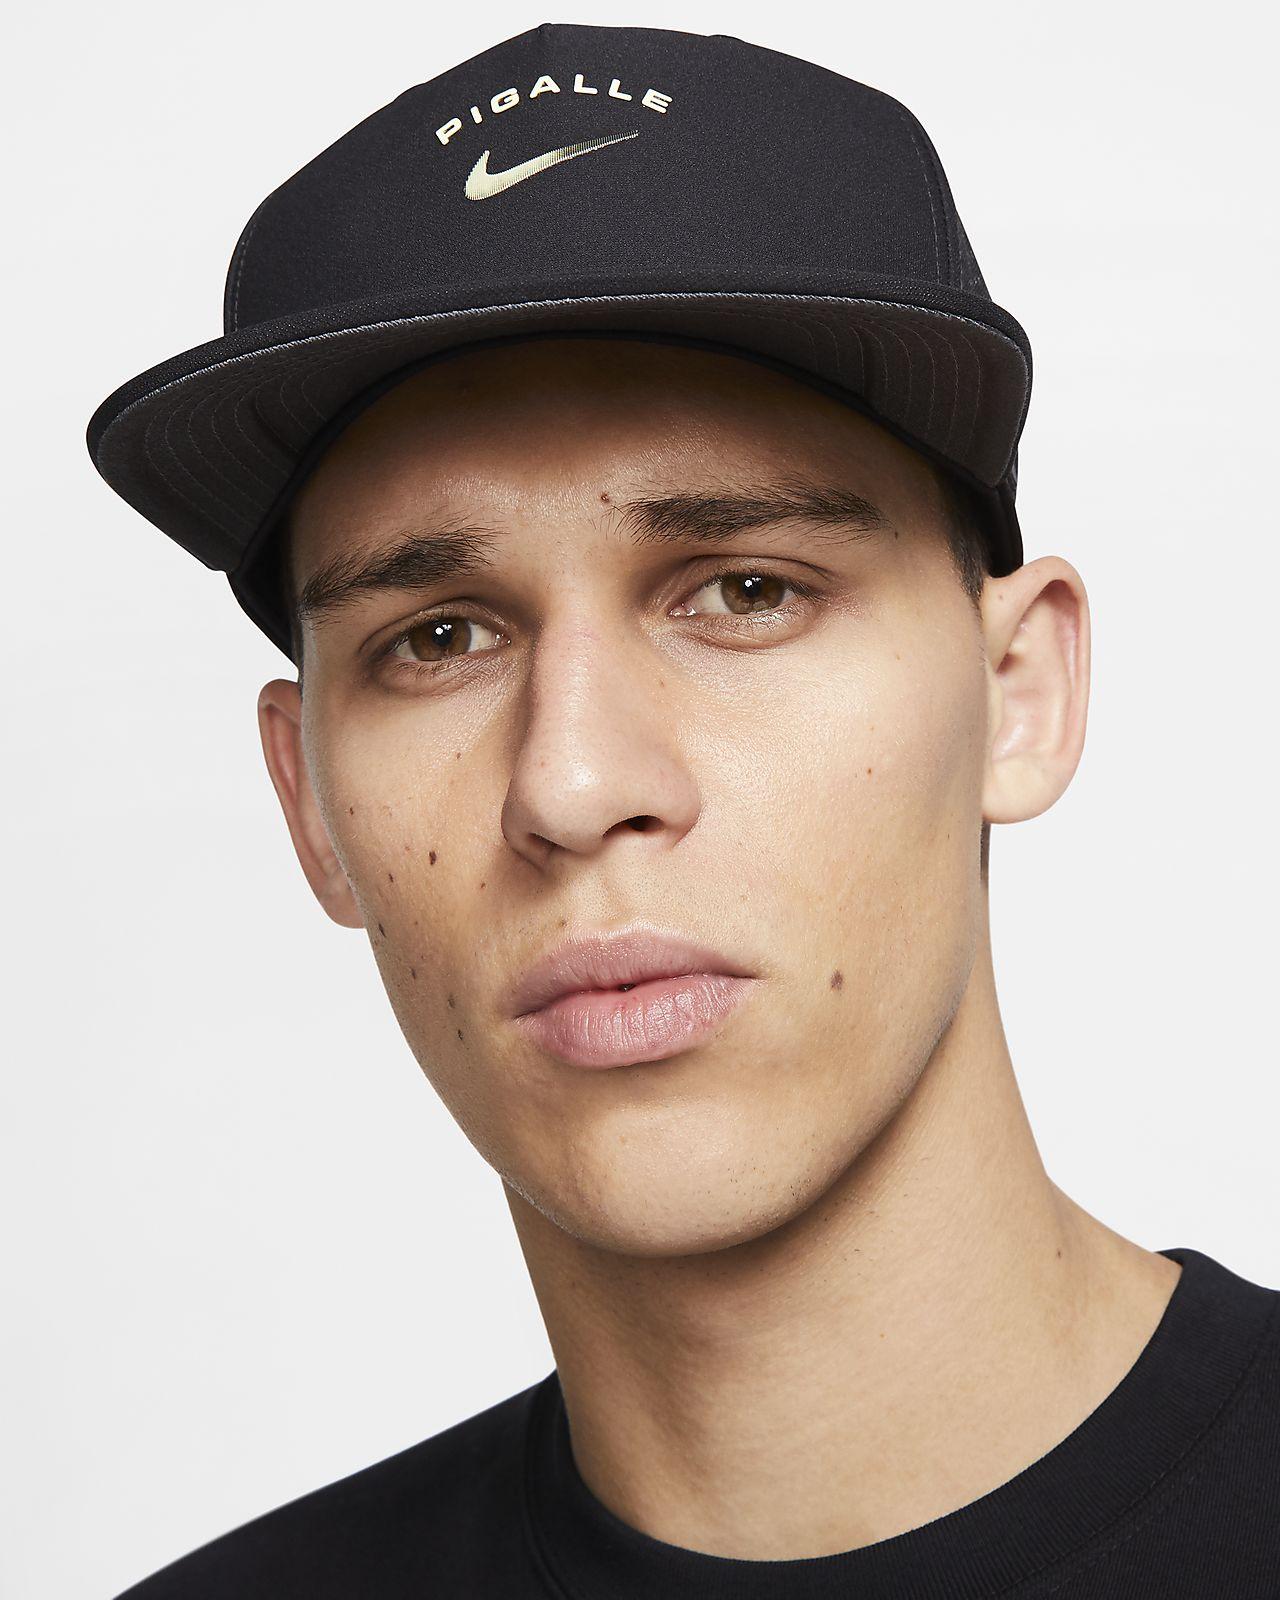 Nike x Pigalle Pro Cap